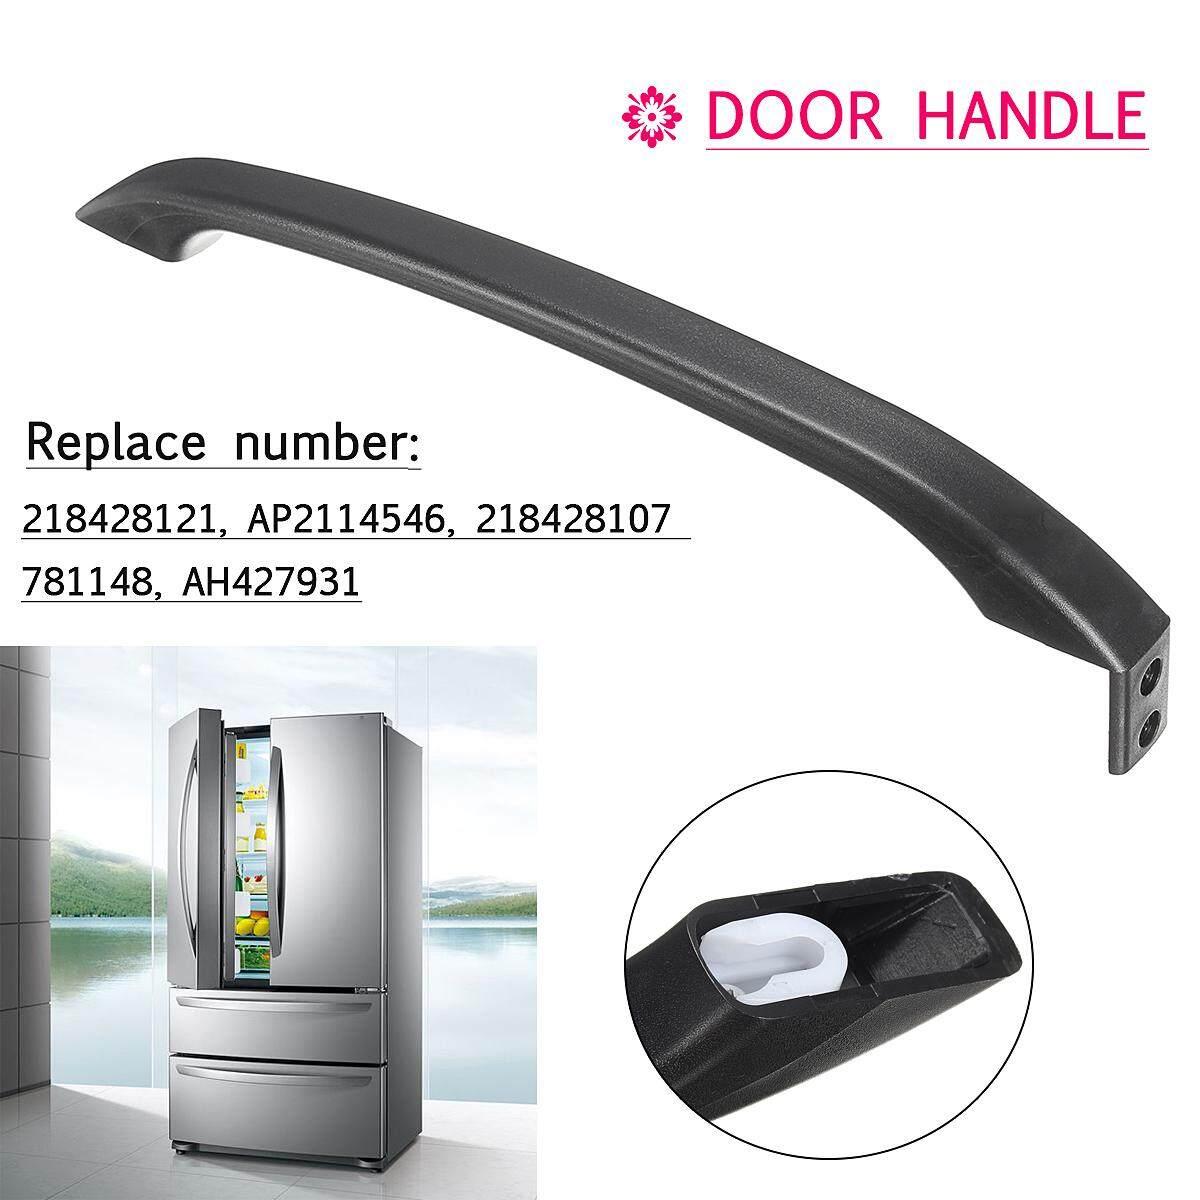 Hình ảnh Black Door Handle For Frigidaire Refrigerator AP2114546 PS427931 - intl